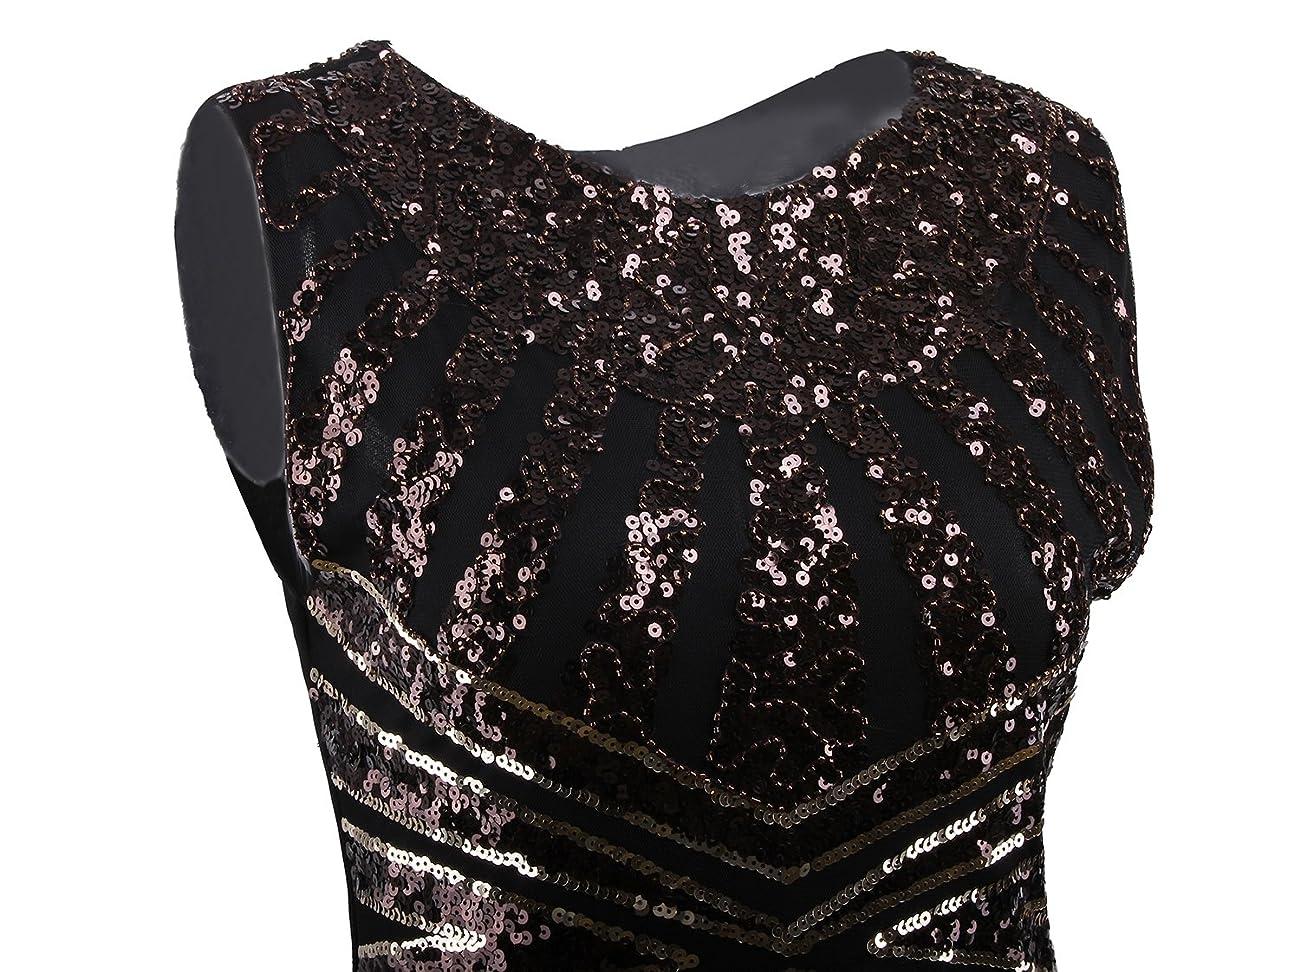 Vijiv Vintage 1920s Embellished Art Nouveau Fringe Sequin Beaded Flapper Dress 3